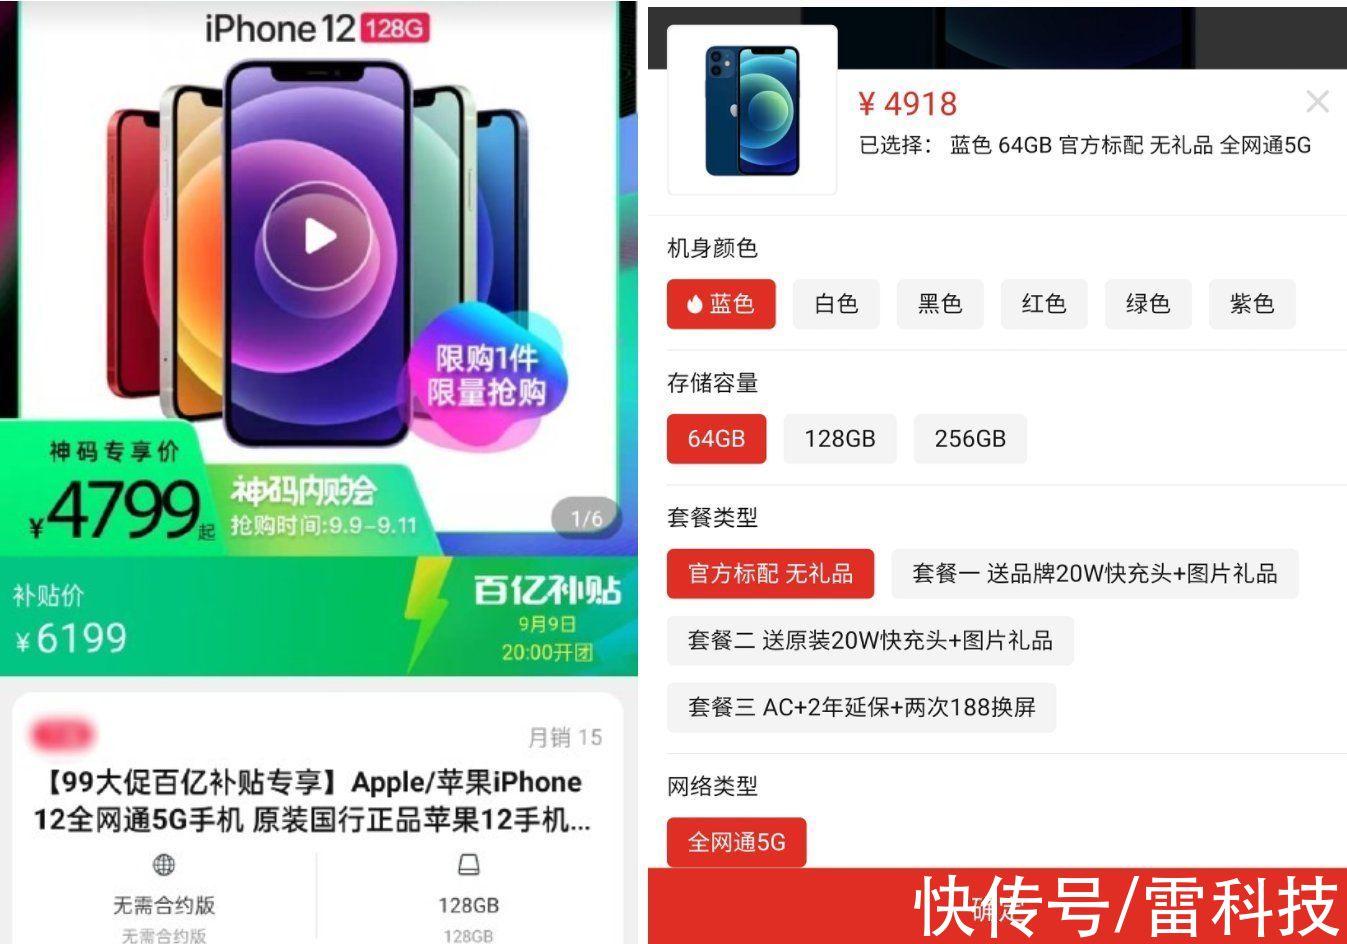 mini|直降千元以上!iPhone 12大降价:你还要等下一代吗?